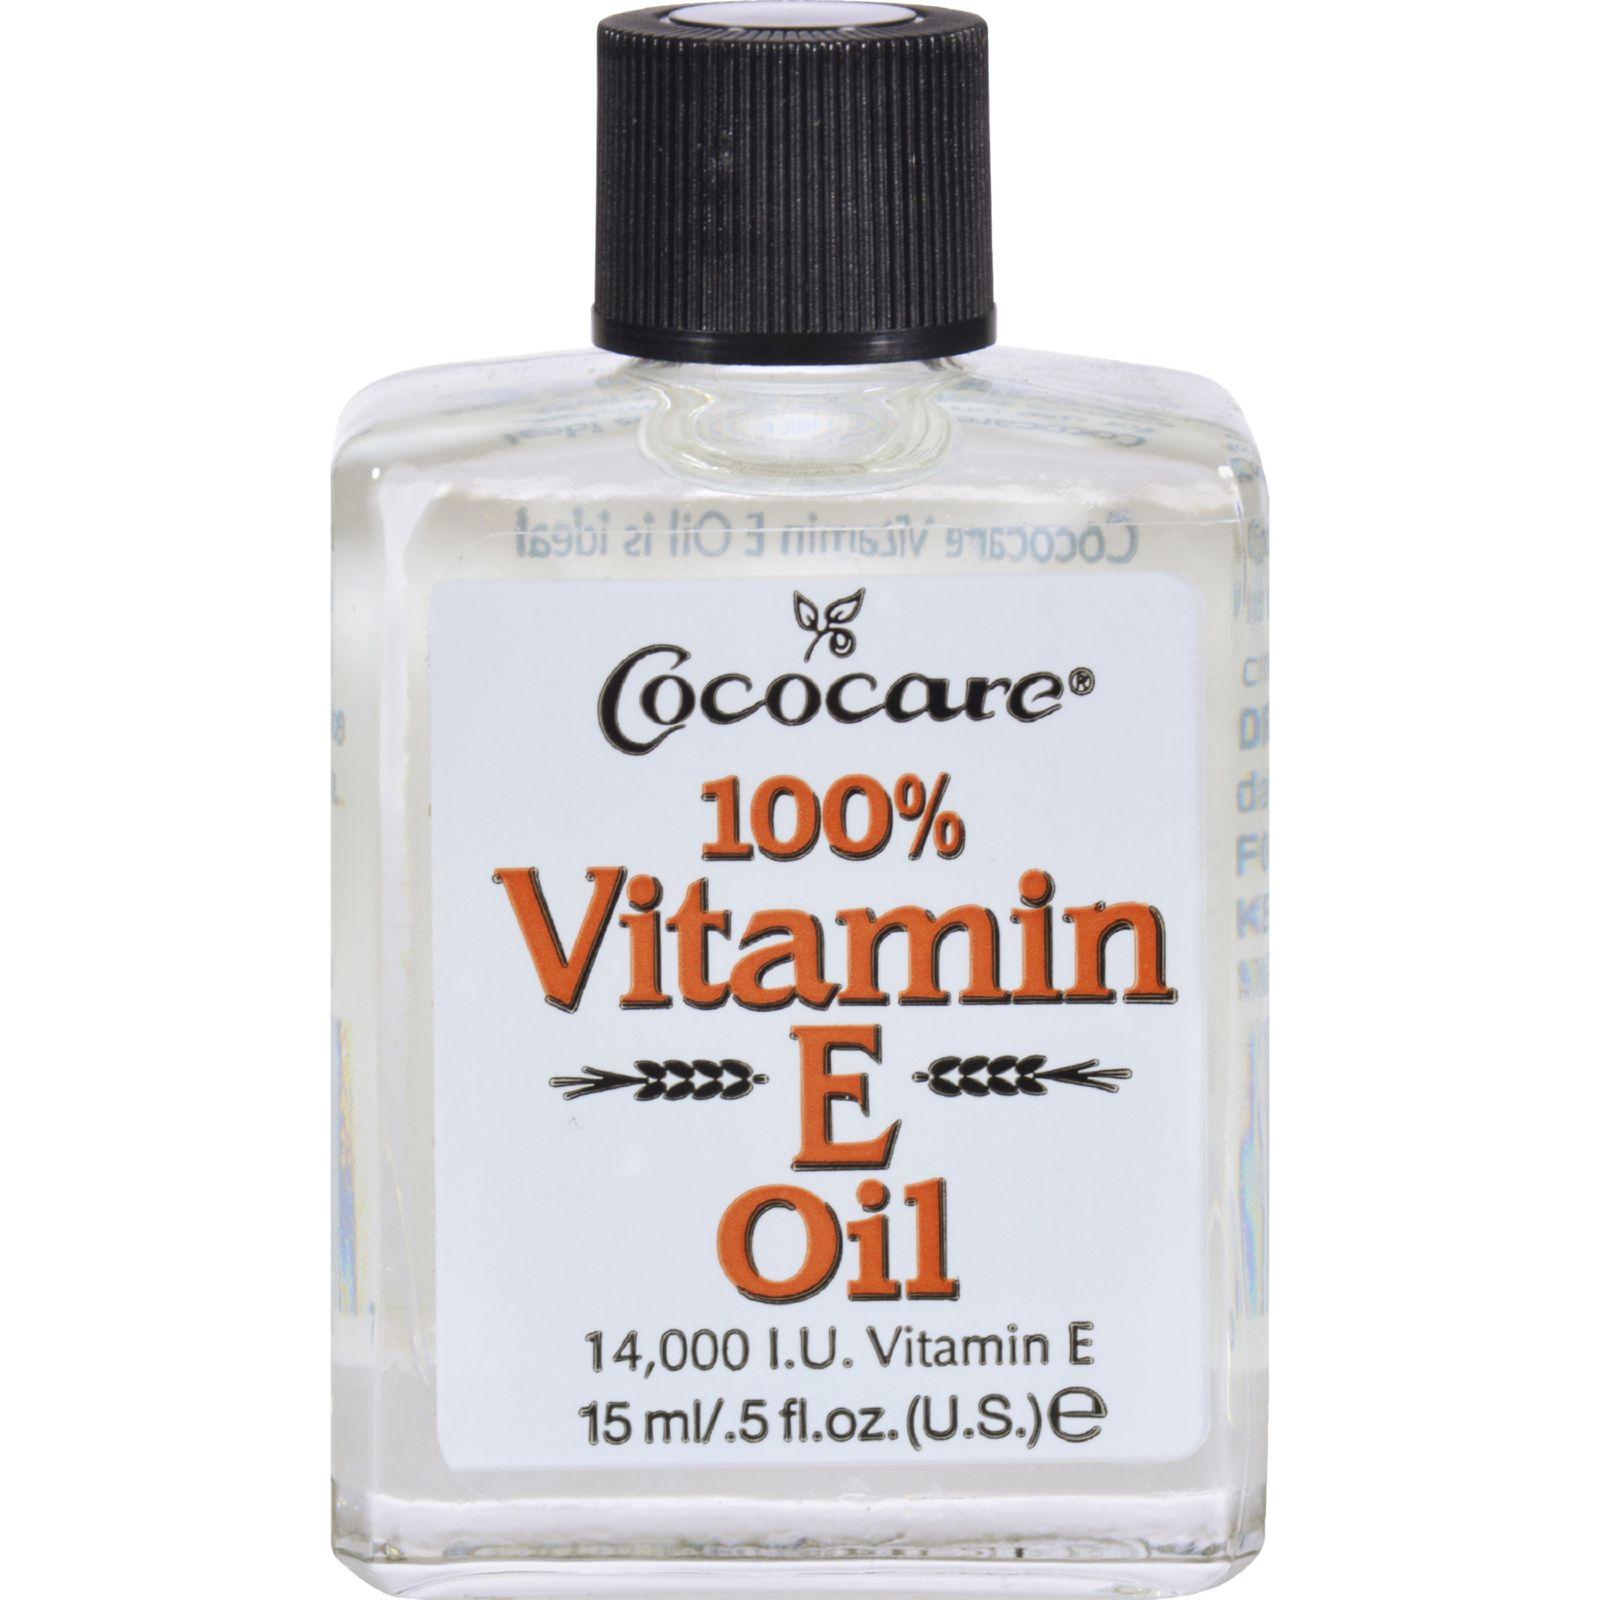 Cococare Vitamin E Oil - 14000 IU - 0.5 fl oz